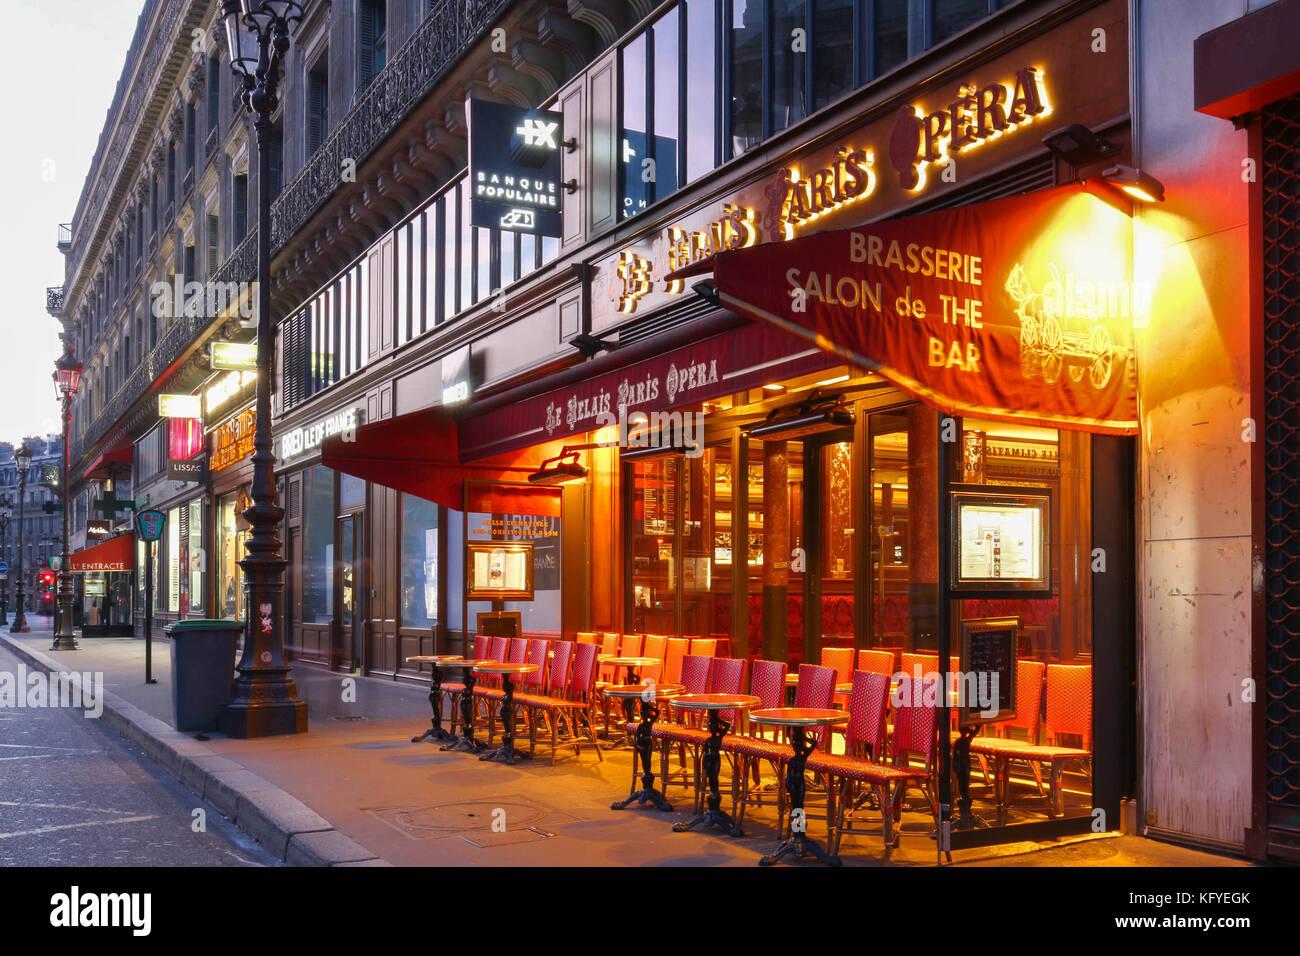 El tradicional café parisino le relais Paris Opera situado cerca del palacio de la Ópera Garnier en París, Francia. Foto de stock